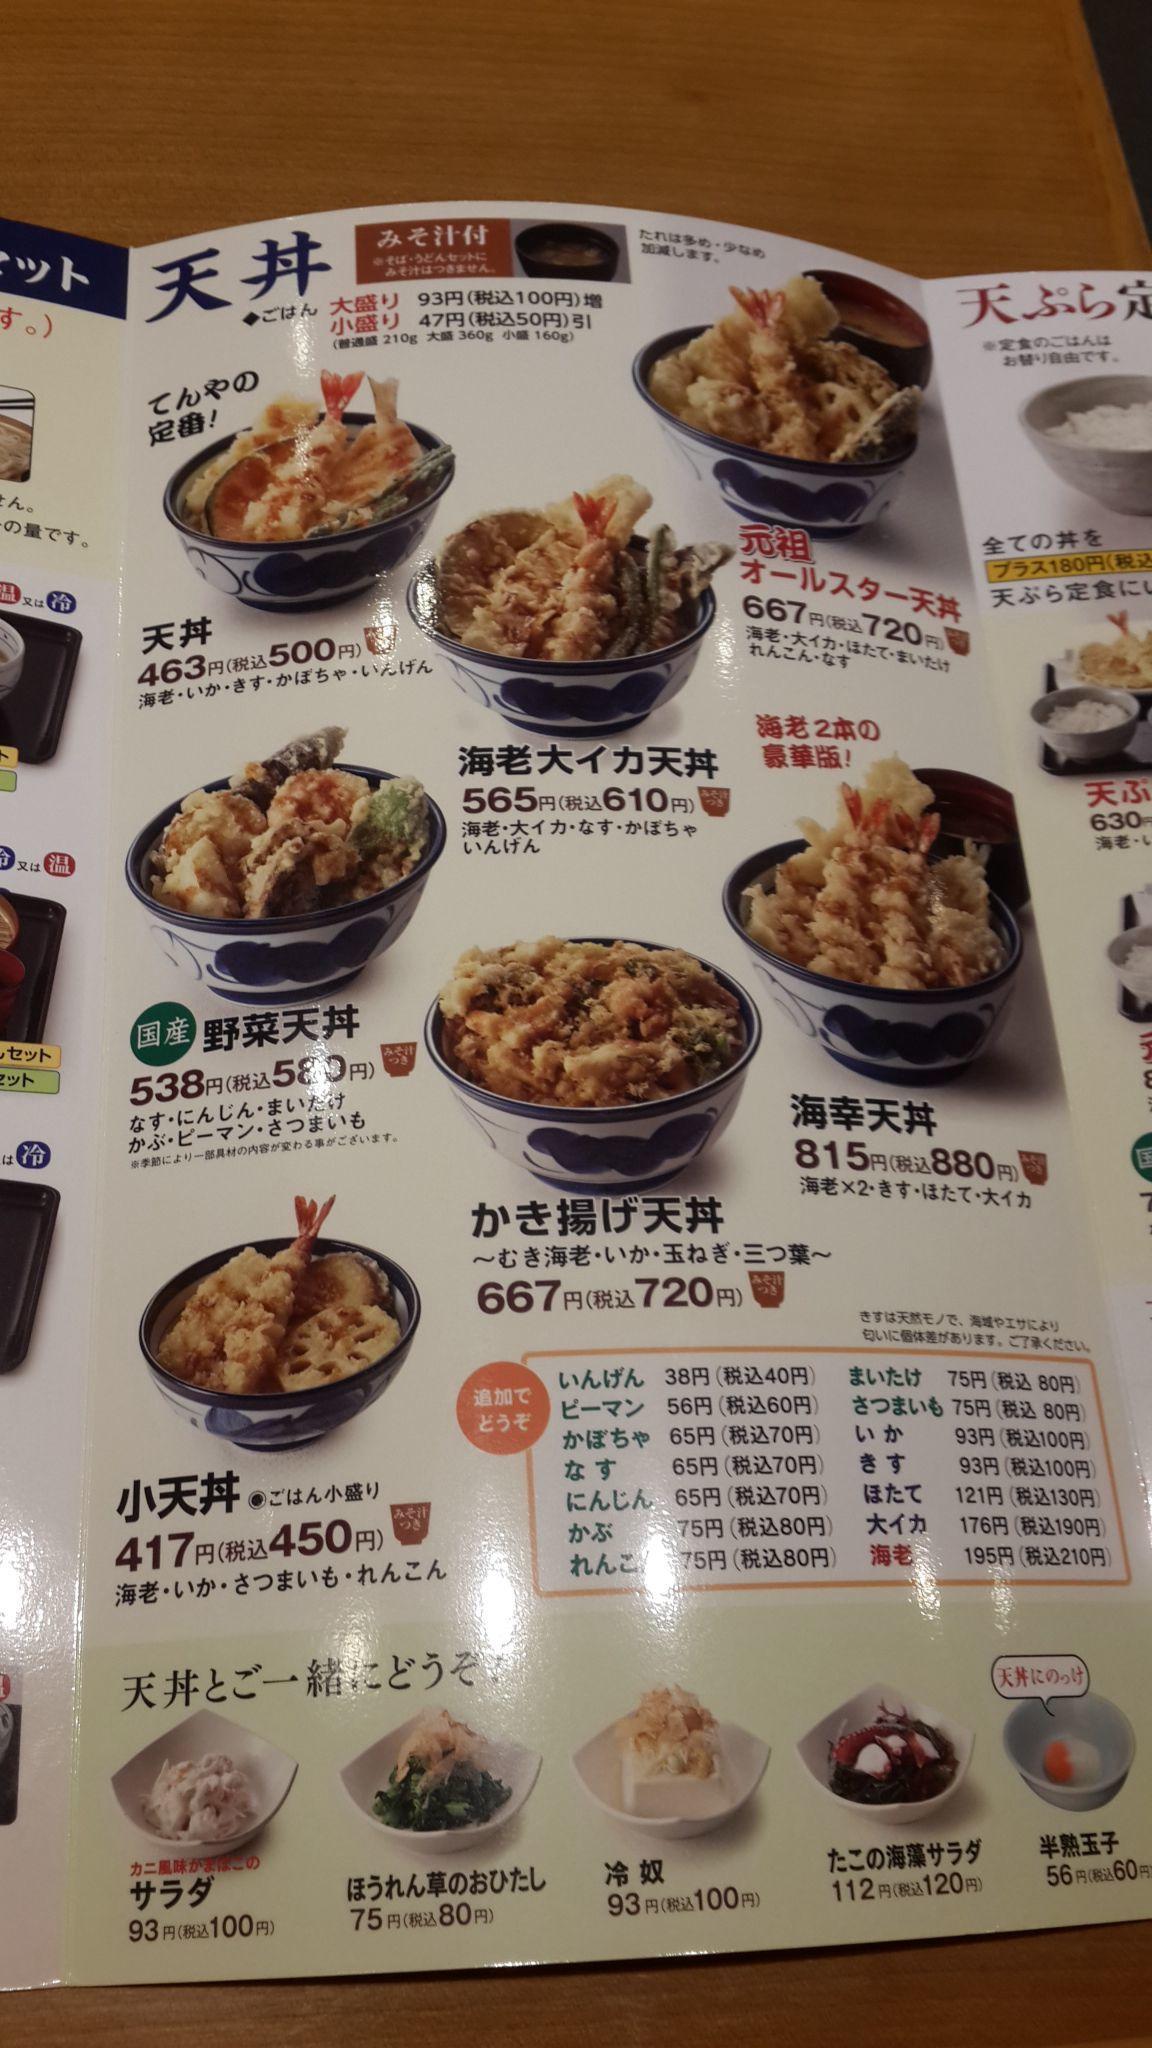 天丼てんや有多種不同組合可供消費者選擇。圖/讀者徐小姐提供